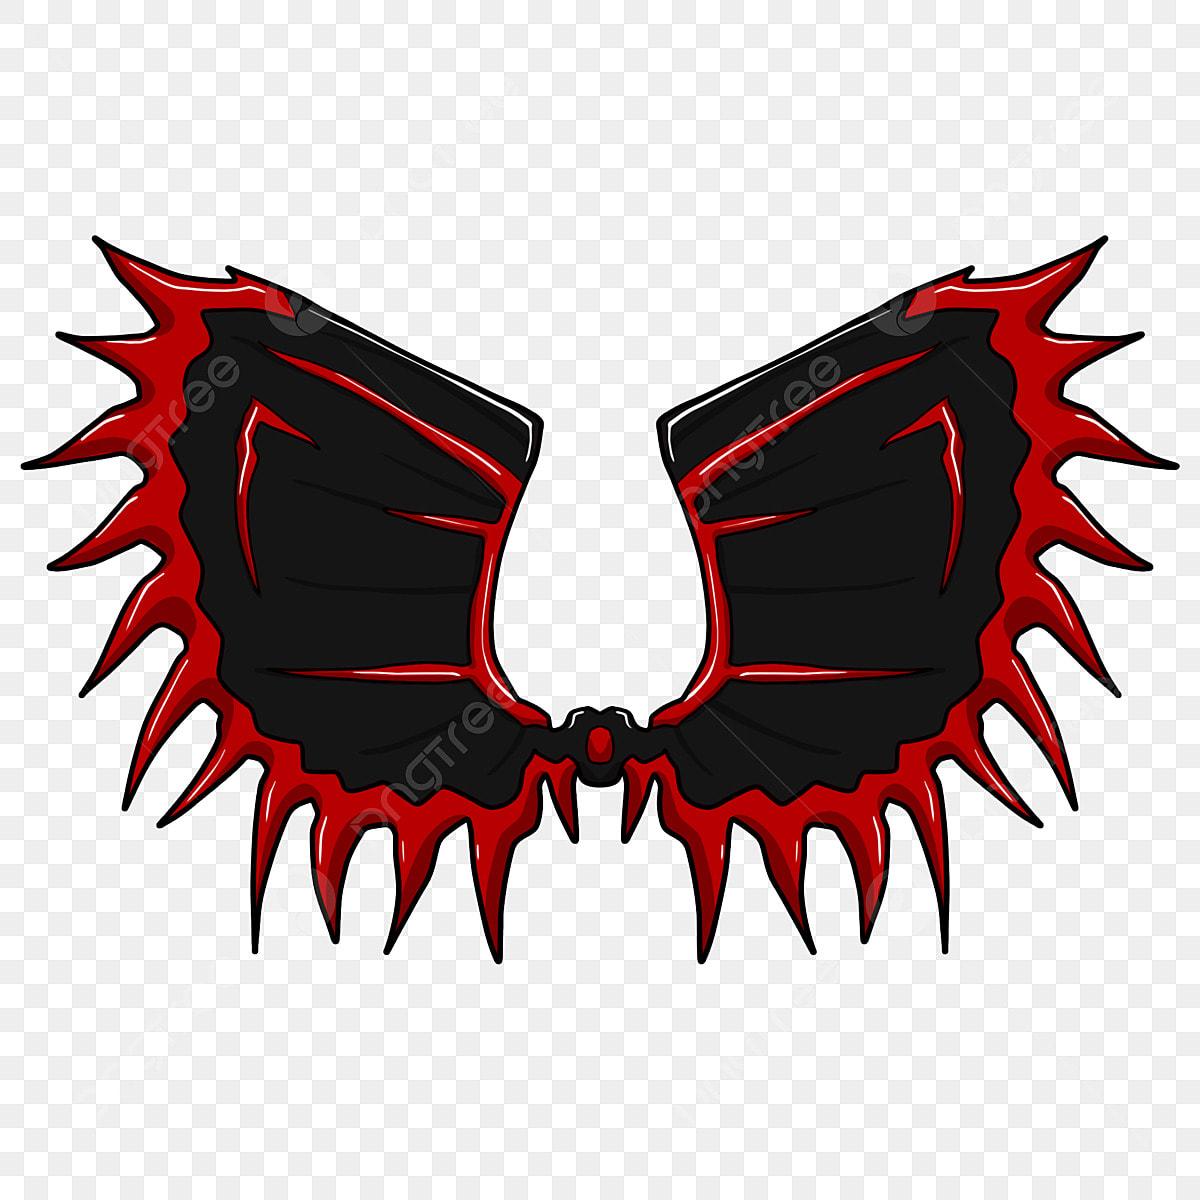 Ostroga Skrzydła Czarne Skrzydła Czerwone Obramowanie